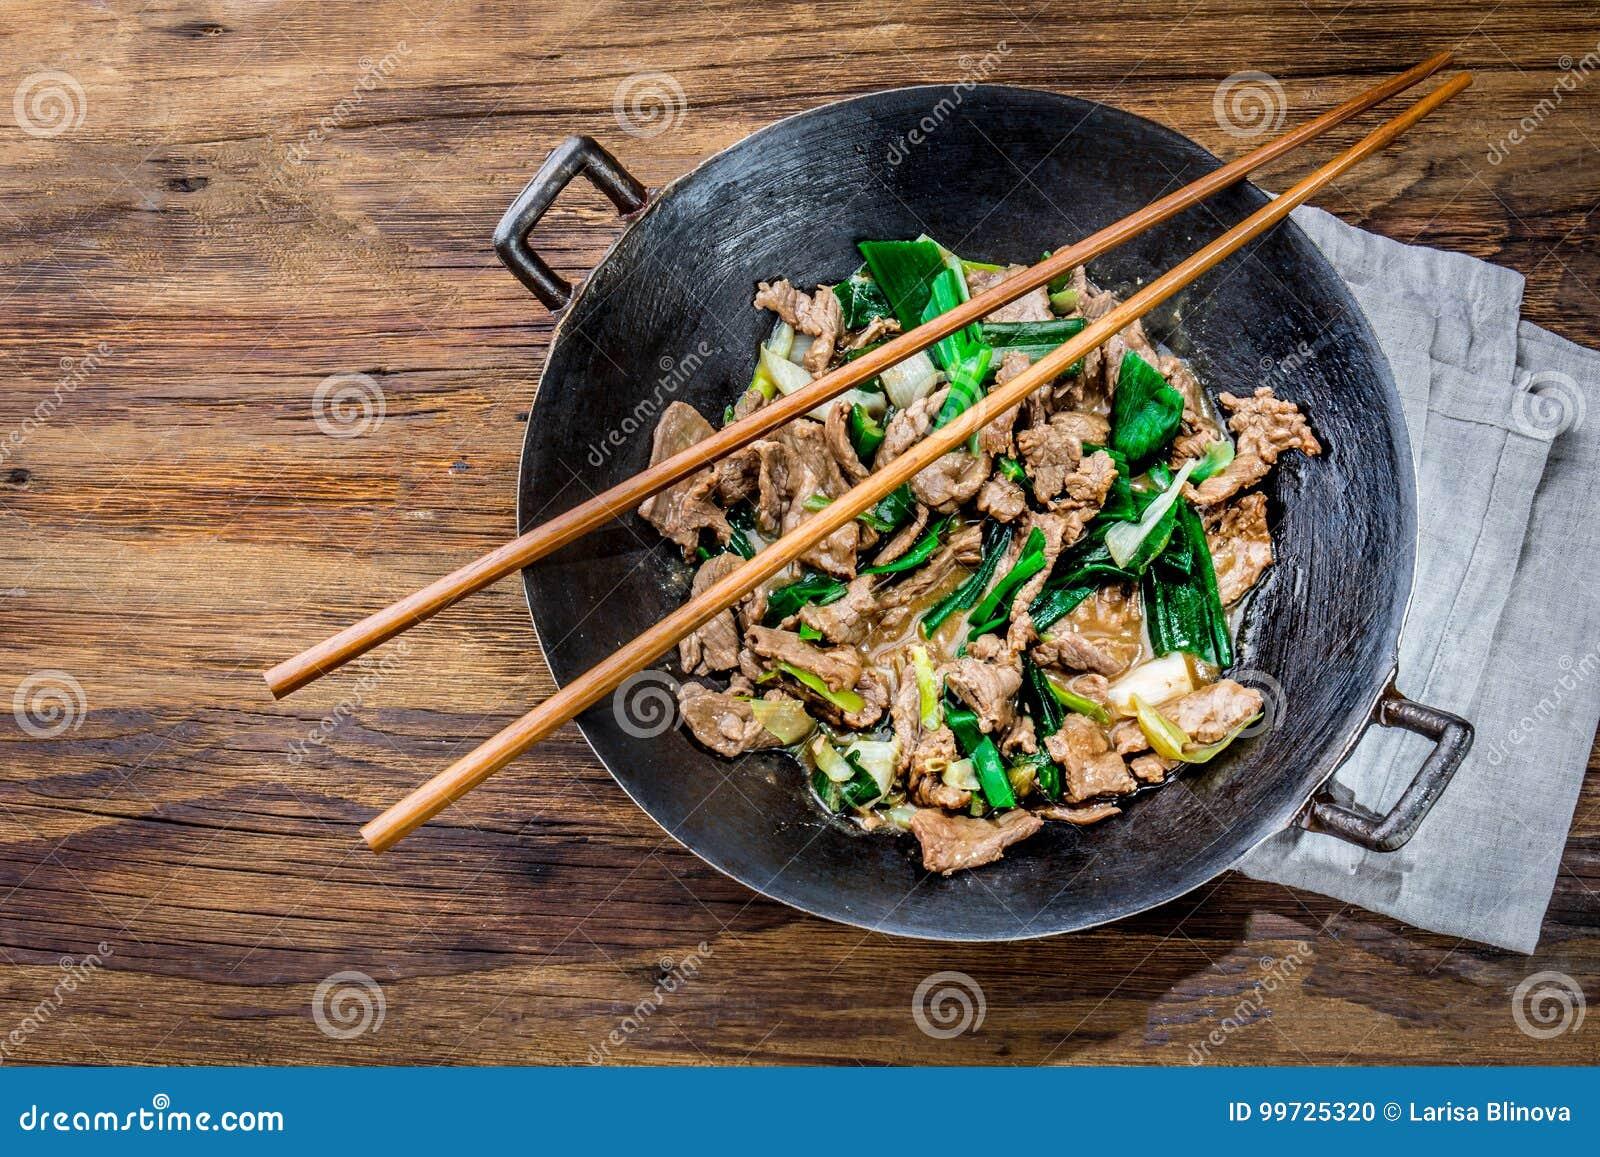 För mongoliannötkött för traditionell kines småfisk för uppståndelse i kinesiskt gjutjärn wokar med matlagningpinnar, träbakgrund